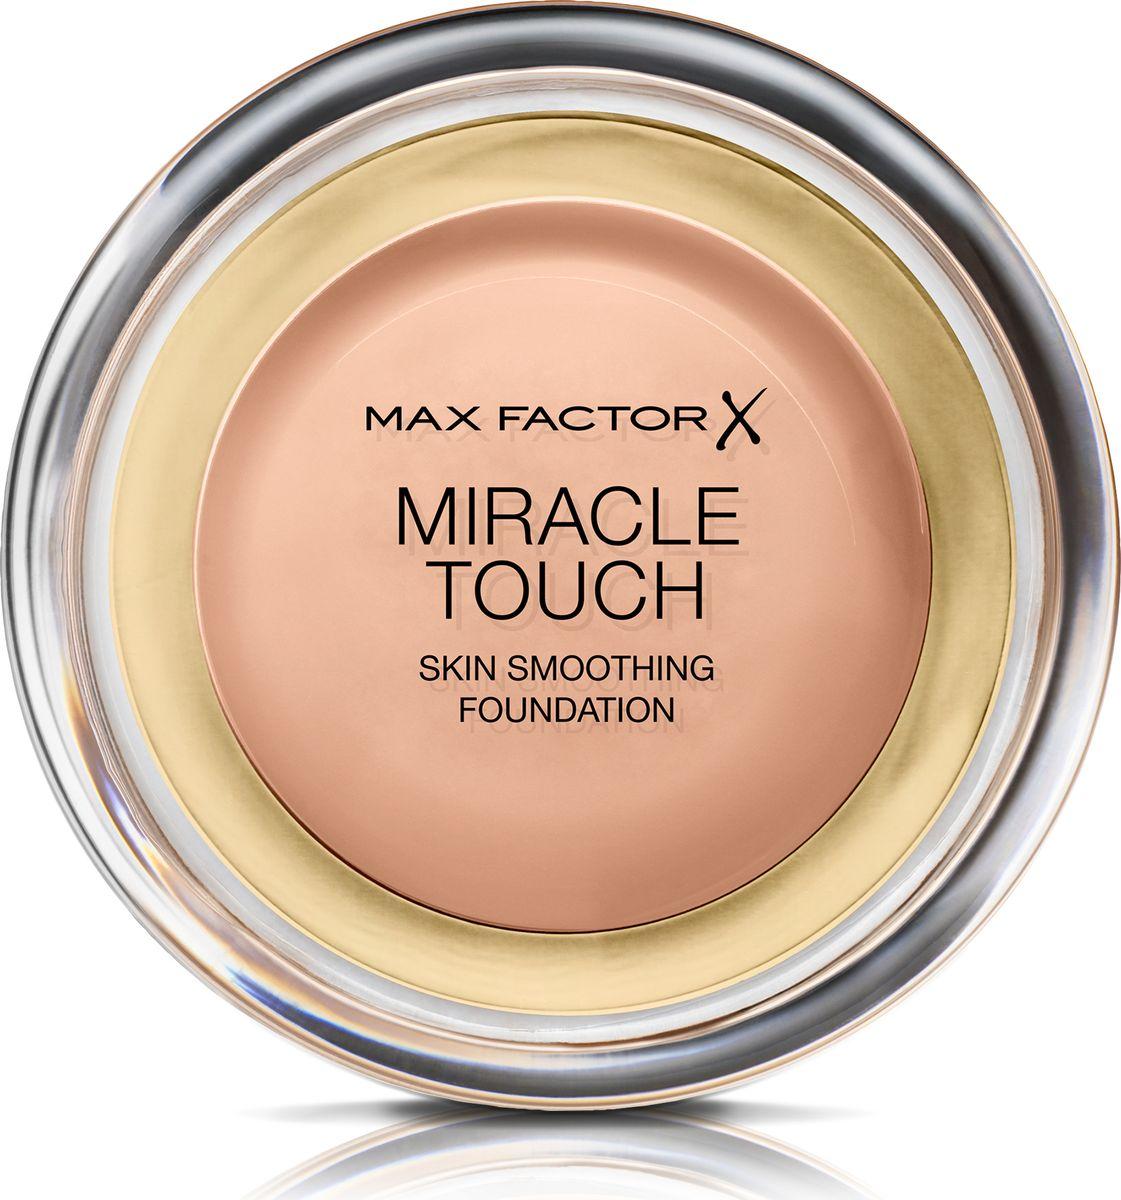 Max Factor Тональная Основа Miracle Touch Тон 55 blushing beige 11,5 гр28032022Уникальная универсальная тональная основа MaxFactorMiracleTouch обладает кремообразной формулой, благодаря которой превосходно подготовить кожу для макияжа очень легко. Всего один слой без необходимости нанесения консилера или пудры. Легкая твердая тональная основа тает в руках и гладко наносится на кожу, создавая идеальное, безупречно блестящее и равномерное покрытие, не слишком прозрачное и не слишком плотное. В результате кожа выглядит свежей, необычайно ровной и приобретает сияние. Чтобы создать безупречное покрытие, можно нанести всего один легкий слой тональной основы или же сделать покрытие более плотным благодаря специальной формуле. Тональная основа подходит для всех типов кожи, включая чувствительную кожу, и не вызывает угревой сыпи, так как не закупоривает поры. Спонж в комплекте для простого и аккуратного нанесения где угодно.Идеальное покрытие в один слой- консилер и пудра не нужны. Умеренное или плотное покрытие благодаря специальной формуле. Не вызывает угревую сыпь и не закупоривает поры. Дерматологически протестировано, подходит для чувствительной кожи.Удобная компактная форма, которую легко держать в руках, со спонжем для быстрого и простого нанесения. Идеальный оттенок должен соответствовать тону кожи на линии подбородка. Для получения наиболее профессионального результата с помощью спонжа, входящего в комплект, нанеси тональную основу MiracleTouchLiquidIllusion и распредели ее от центра лица к краям. Чтобы скрыть темные круги и недостатки кожи, наноси основу краем спонжа. Всегда наноси продукт при ярком дневном освещении.